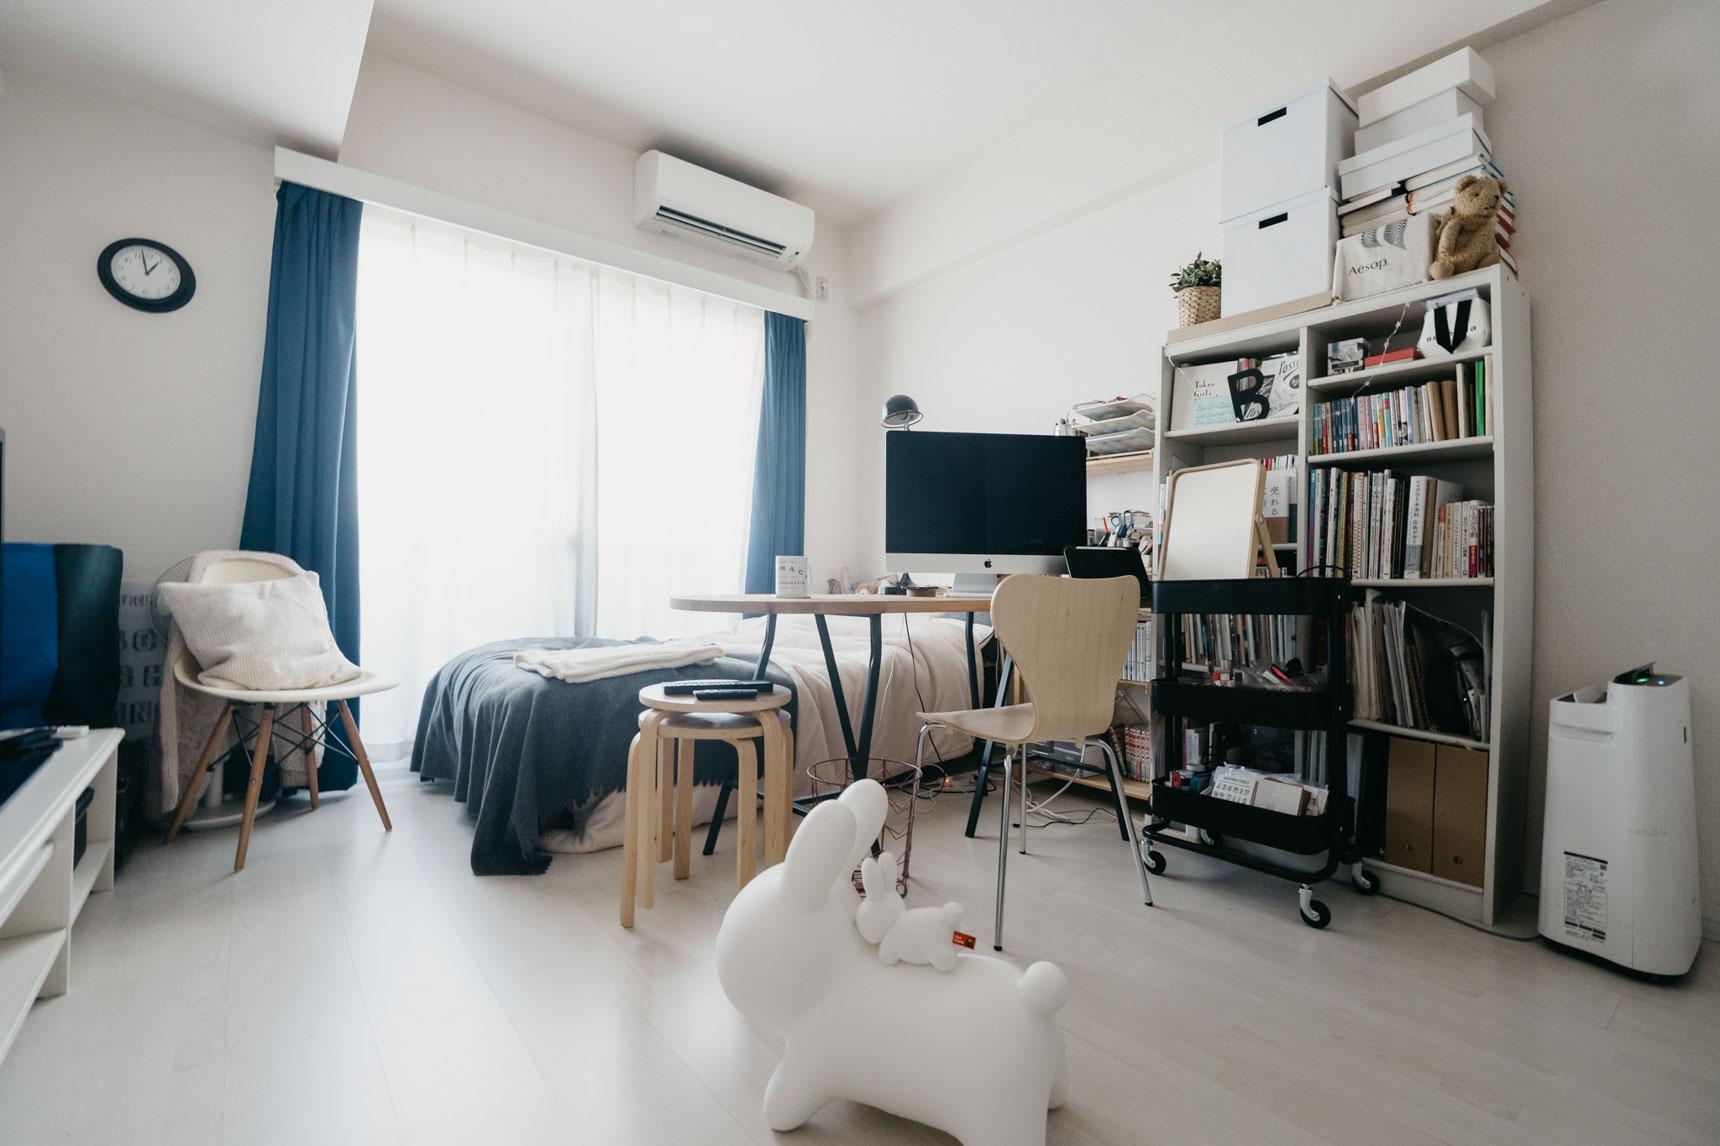 9畳1Kにお住まいの方の事例。部屋の奥にベッド、その手前にダイニングテーブルを兼ねた横長のワークデスクを配置。